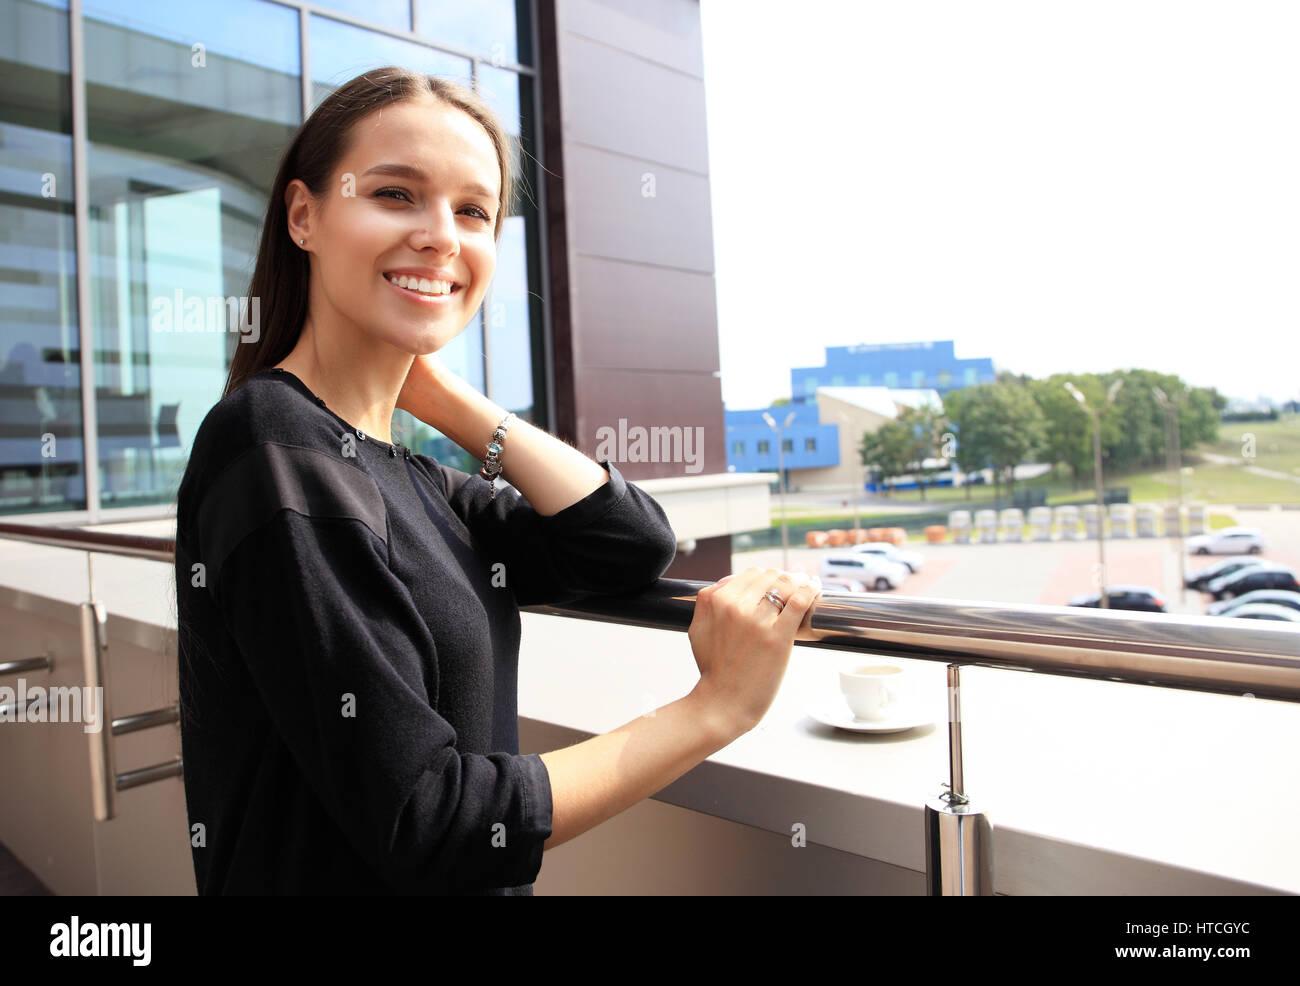 Imagen de ciudad moderna y elegante atractivo joven sobre la terraza soleada mañana. La vida en la gran ciudad, Imagen De Stock